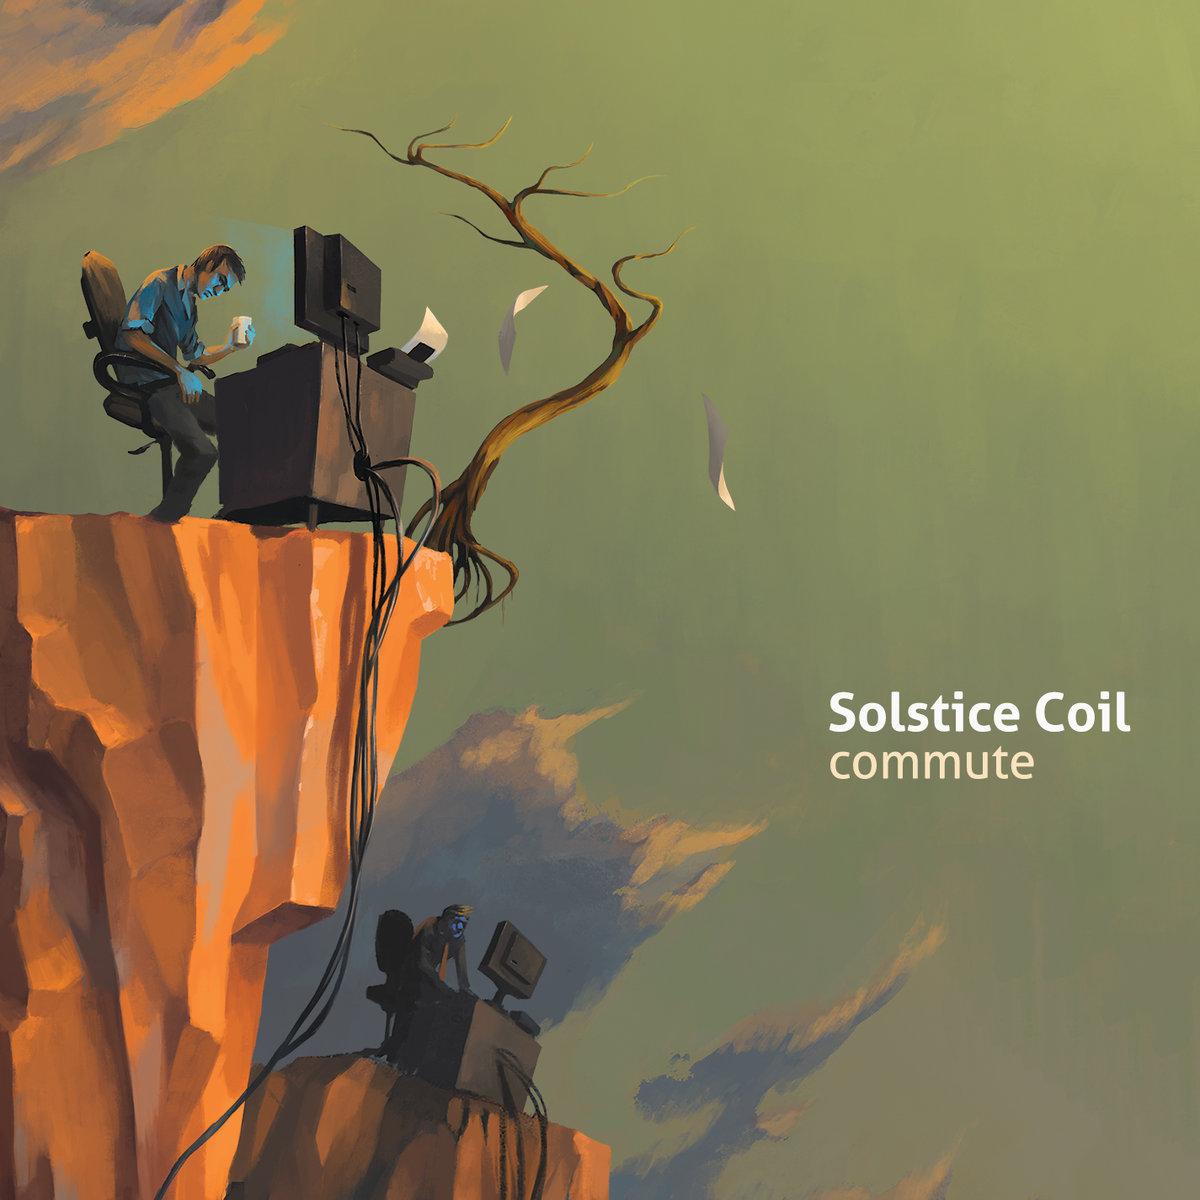 Solstice Coil: Commute